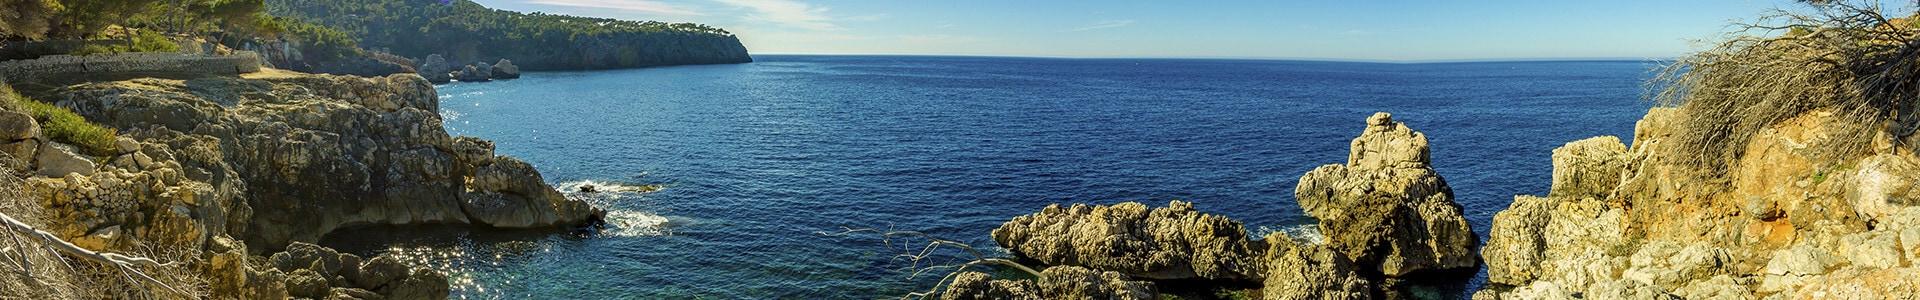 Voyage à Majorque - TUI